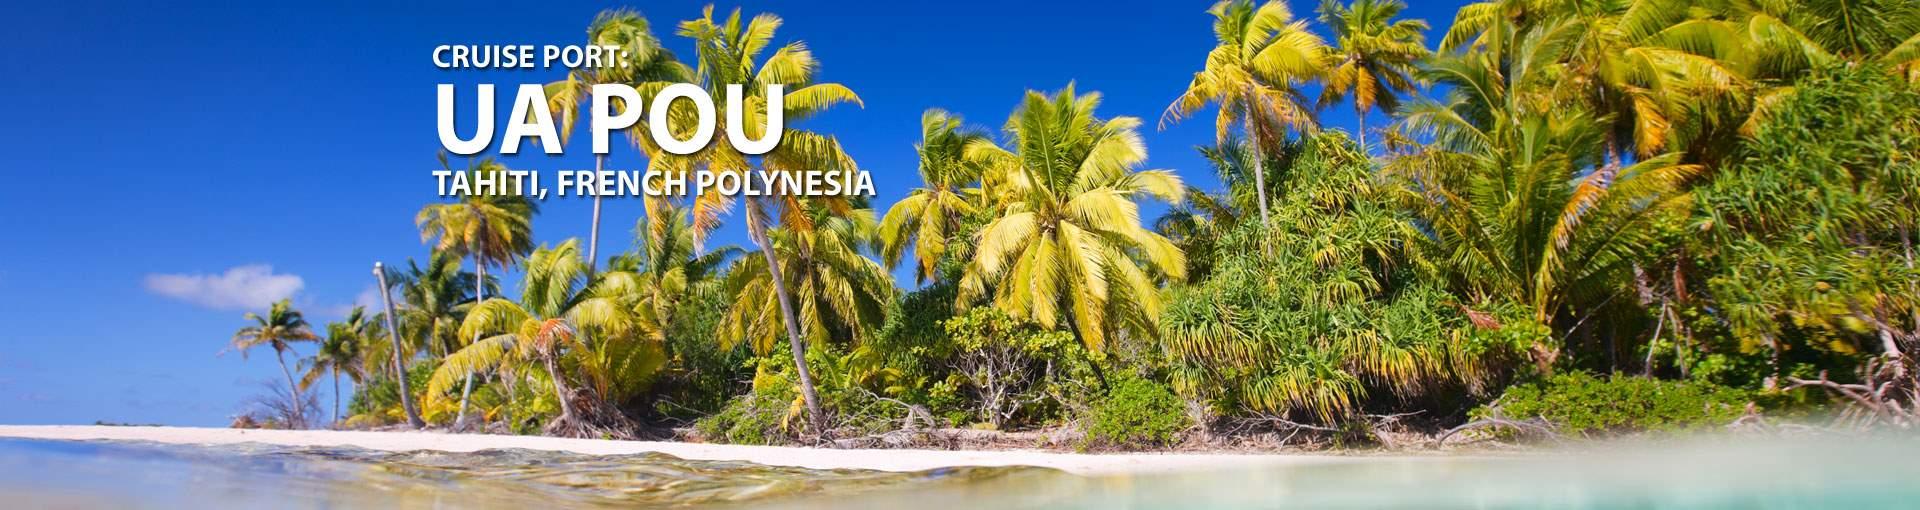 Cruises to Ua Pou, Tahiti, French Polynesia